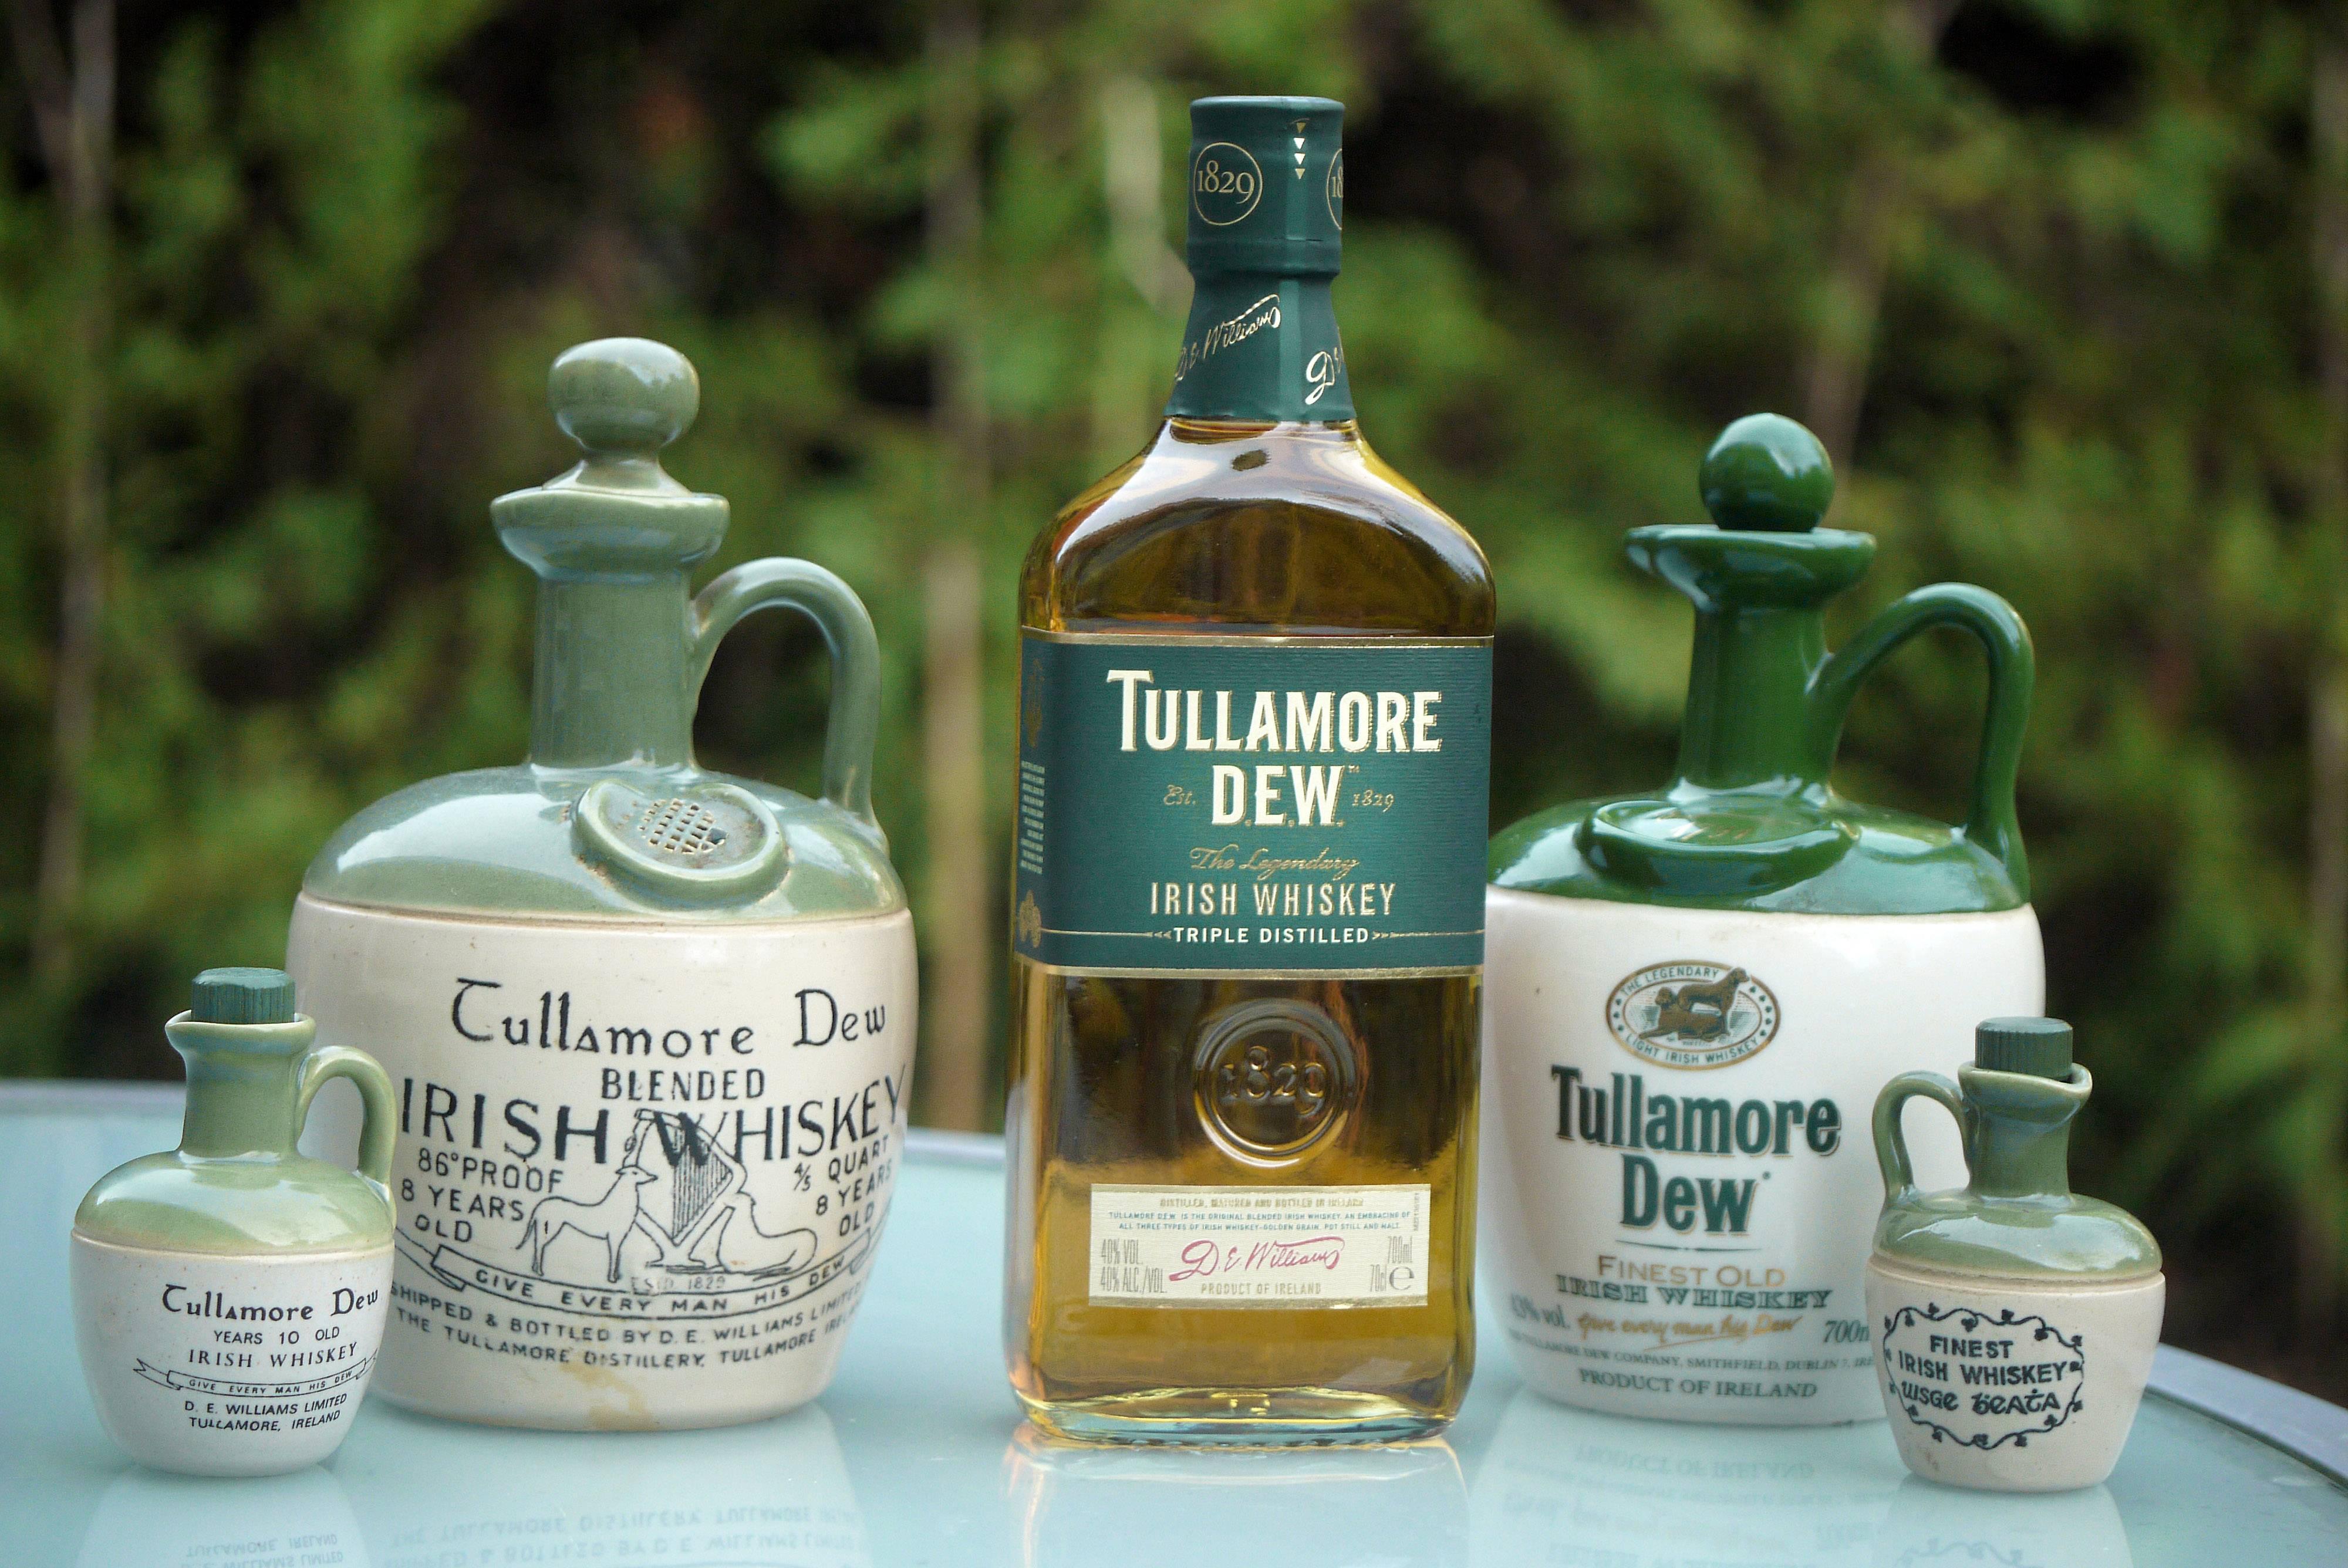 Виски tullamore dew (тюлламор дью) – описание и виды марки